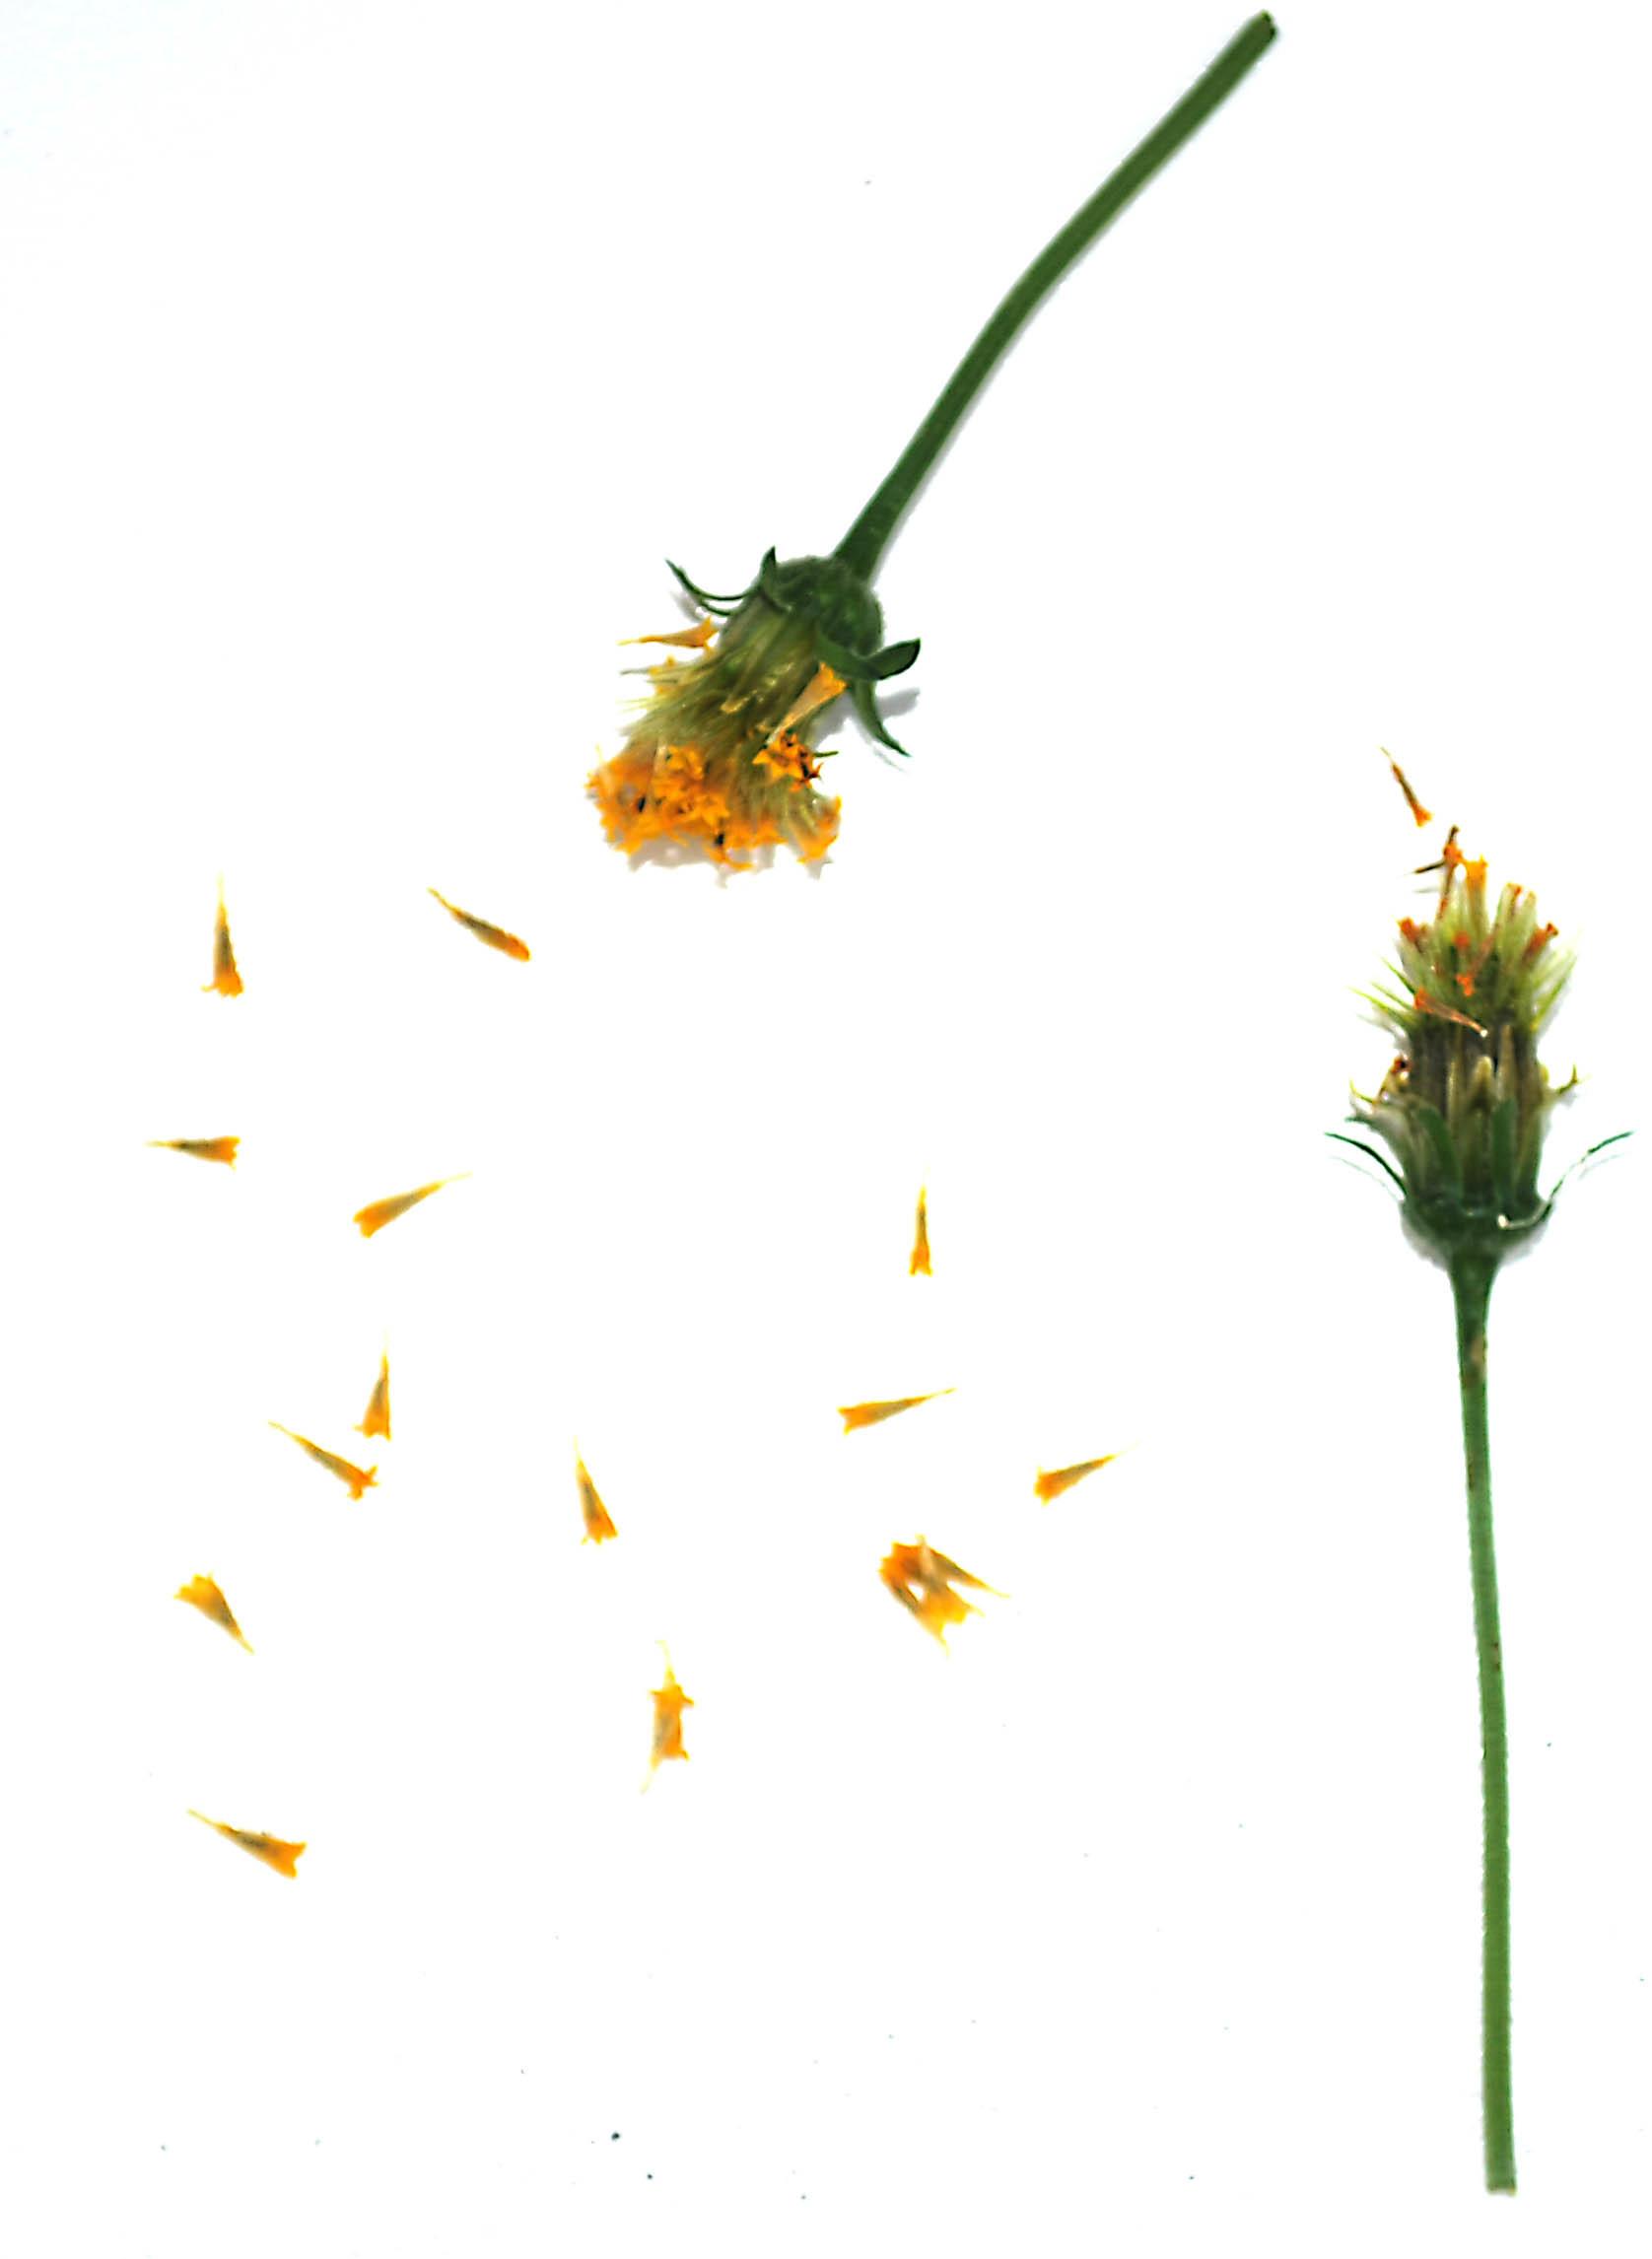 Image of hairy beggarticks